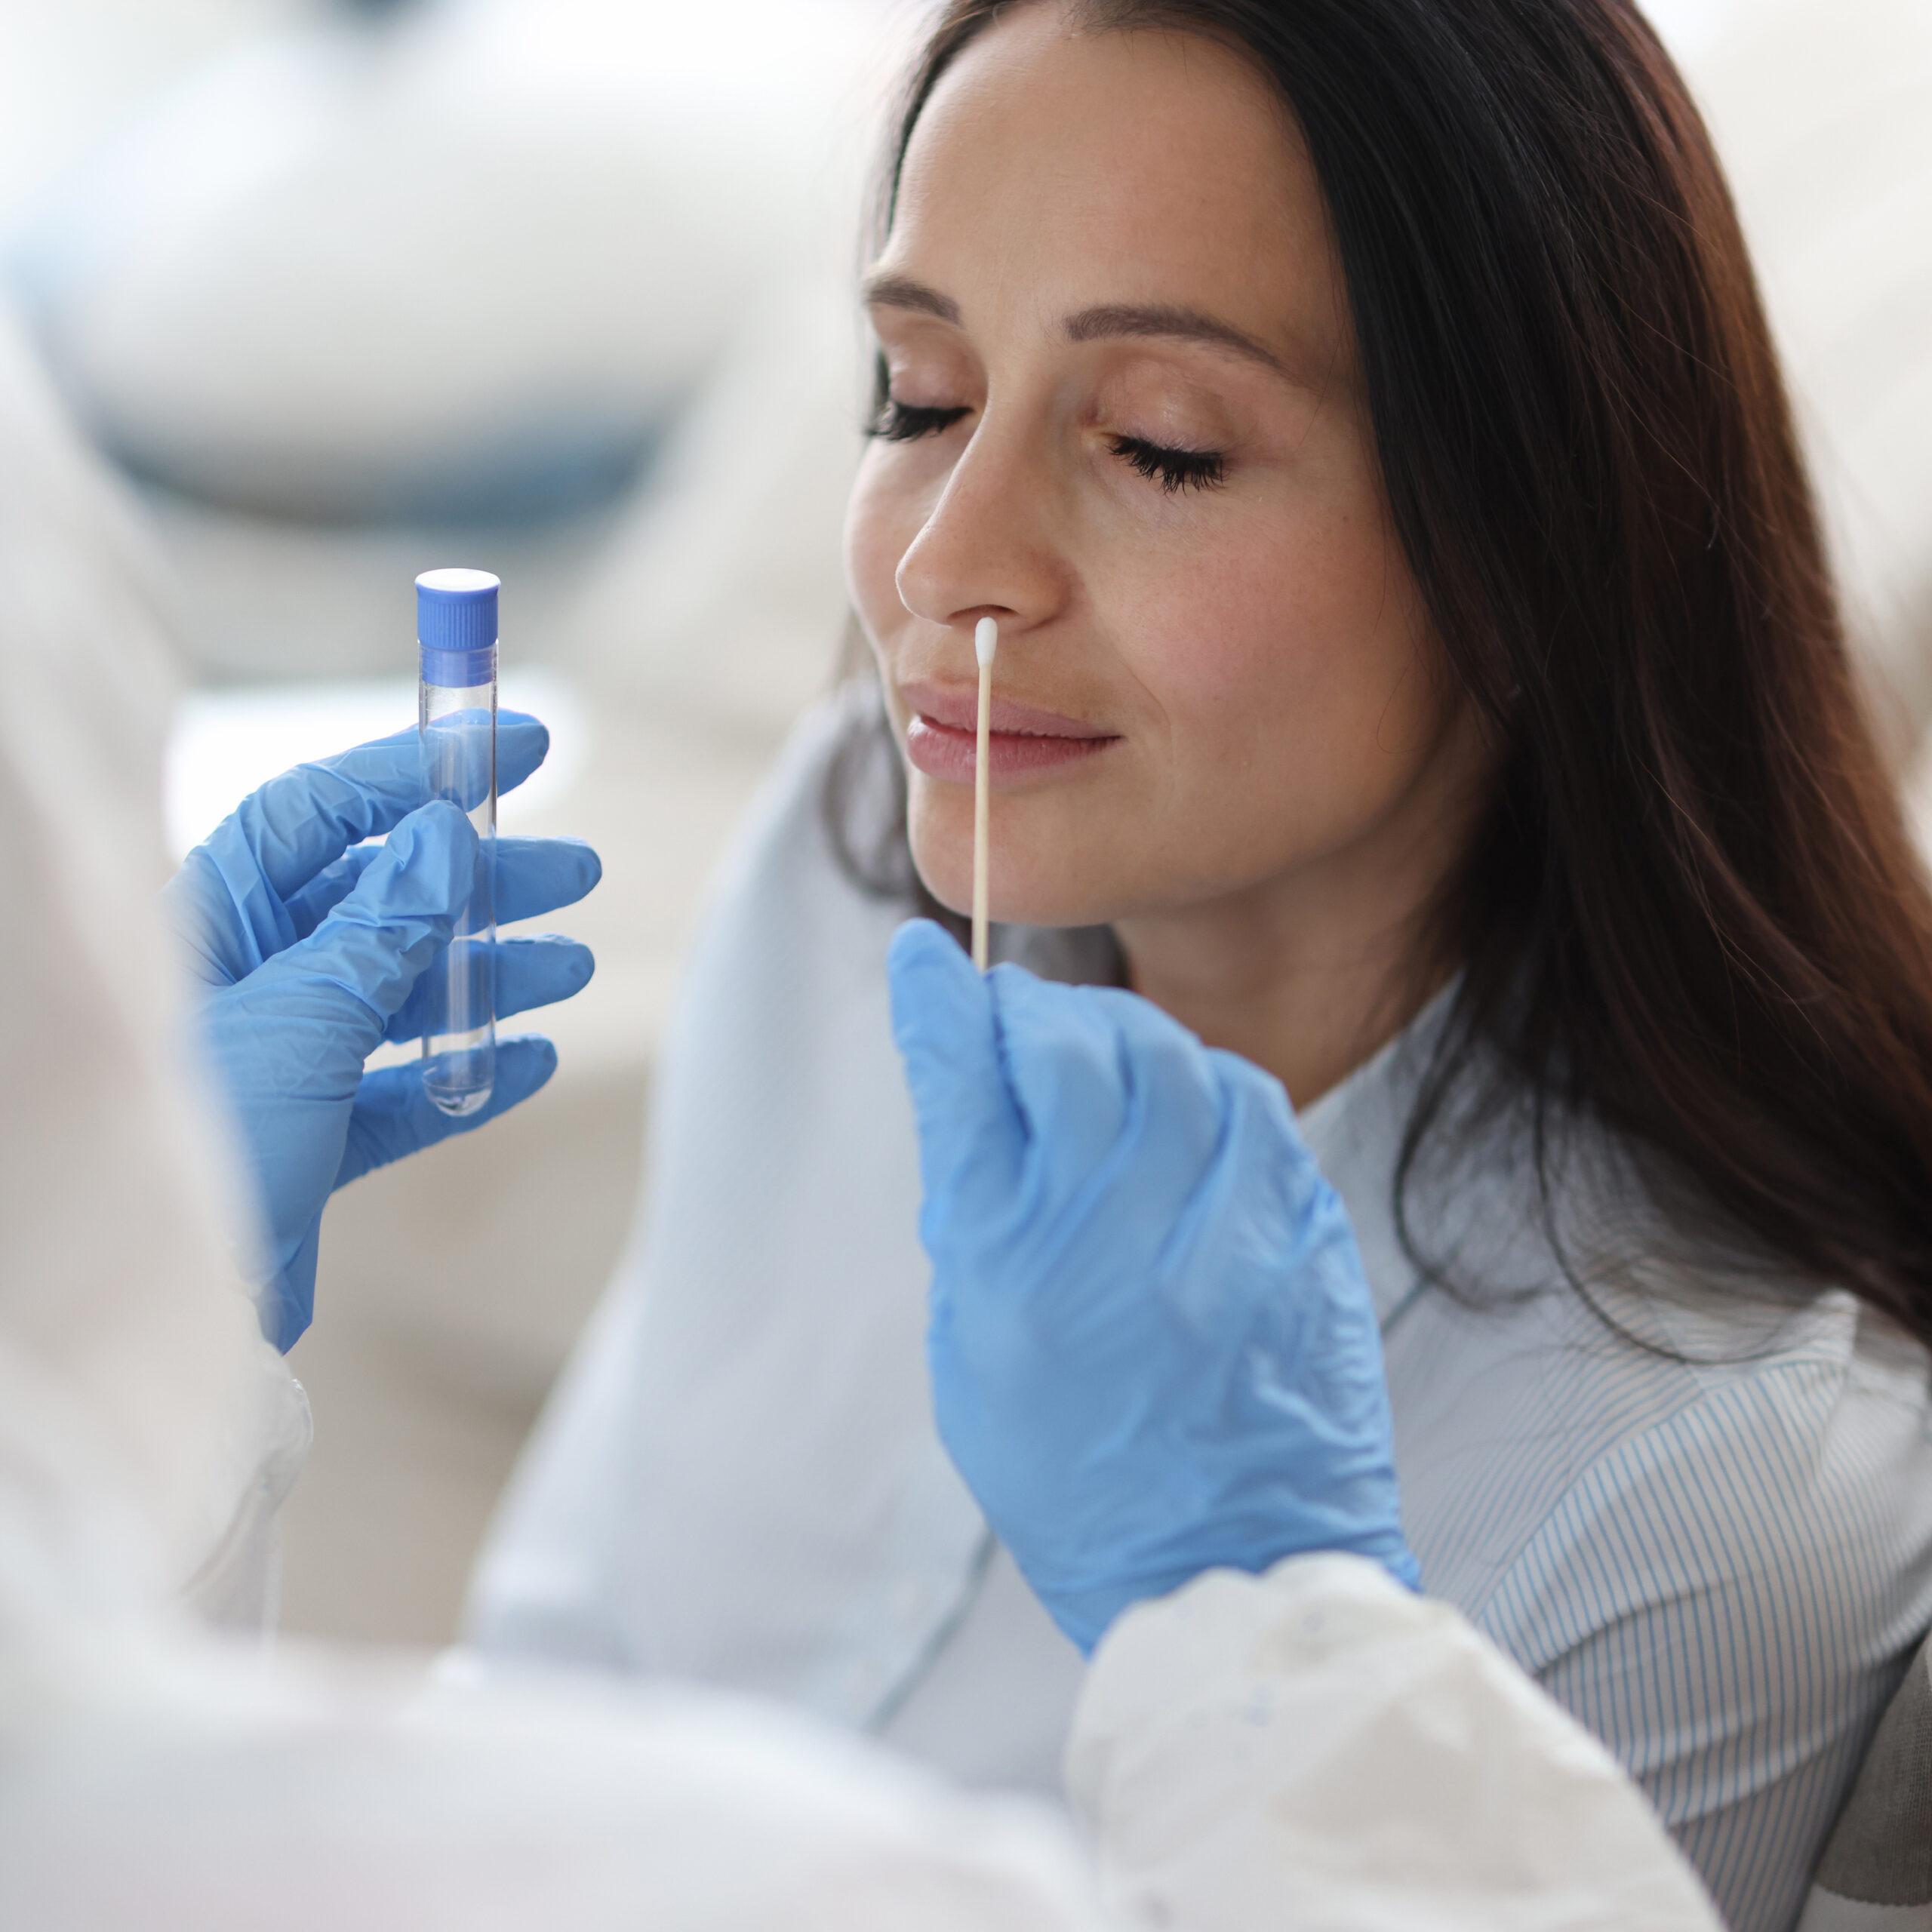 MPA in Schutzausrüstung macht einen Abstrich in der Nase der Patientin. Labortest für Coronavirus Konzept.